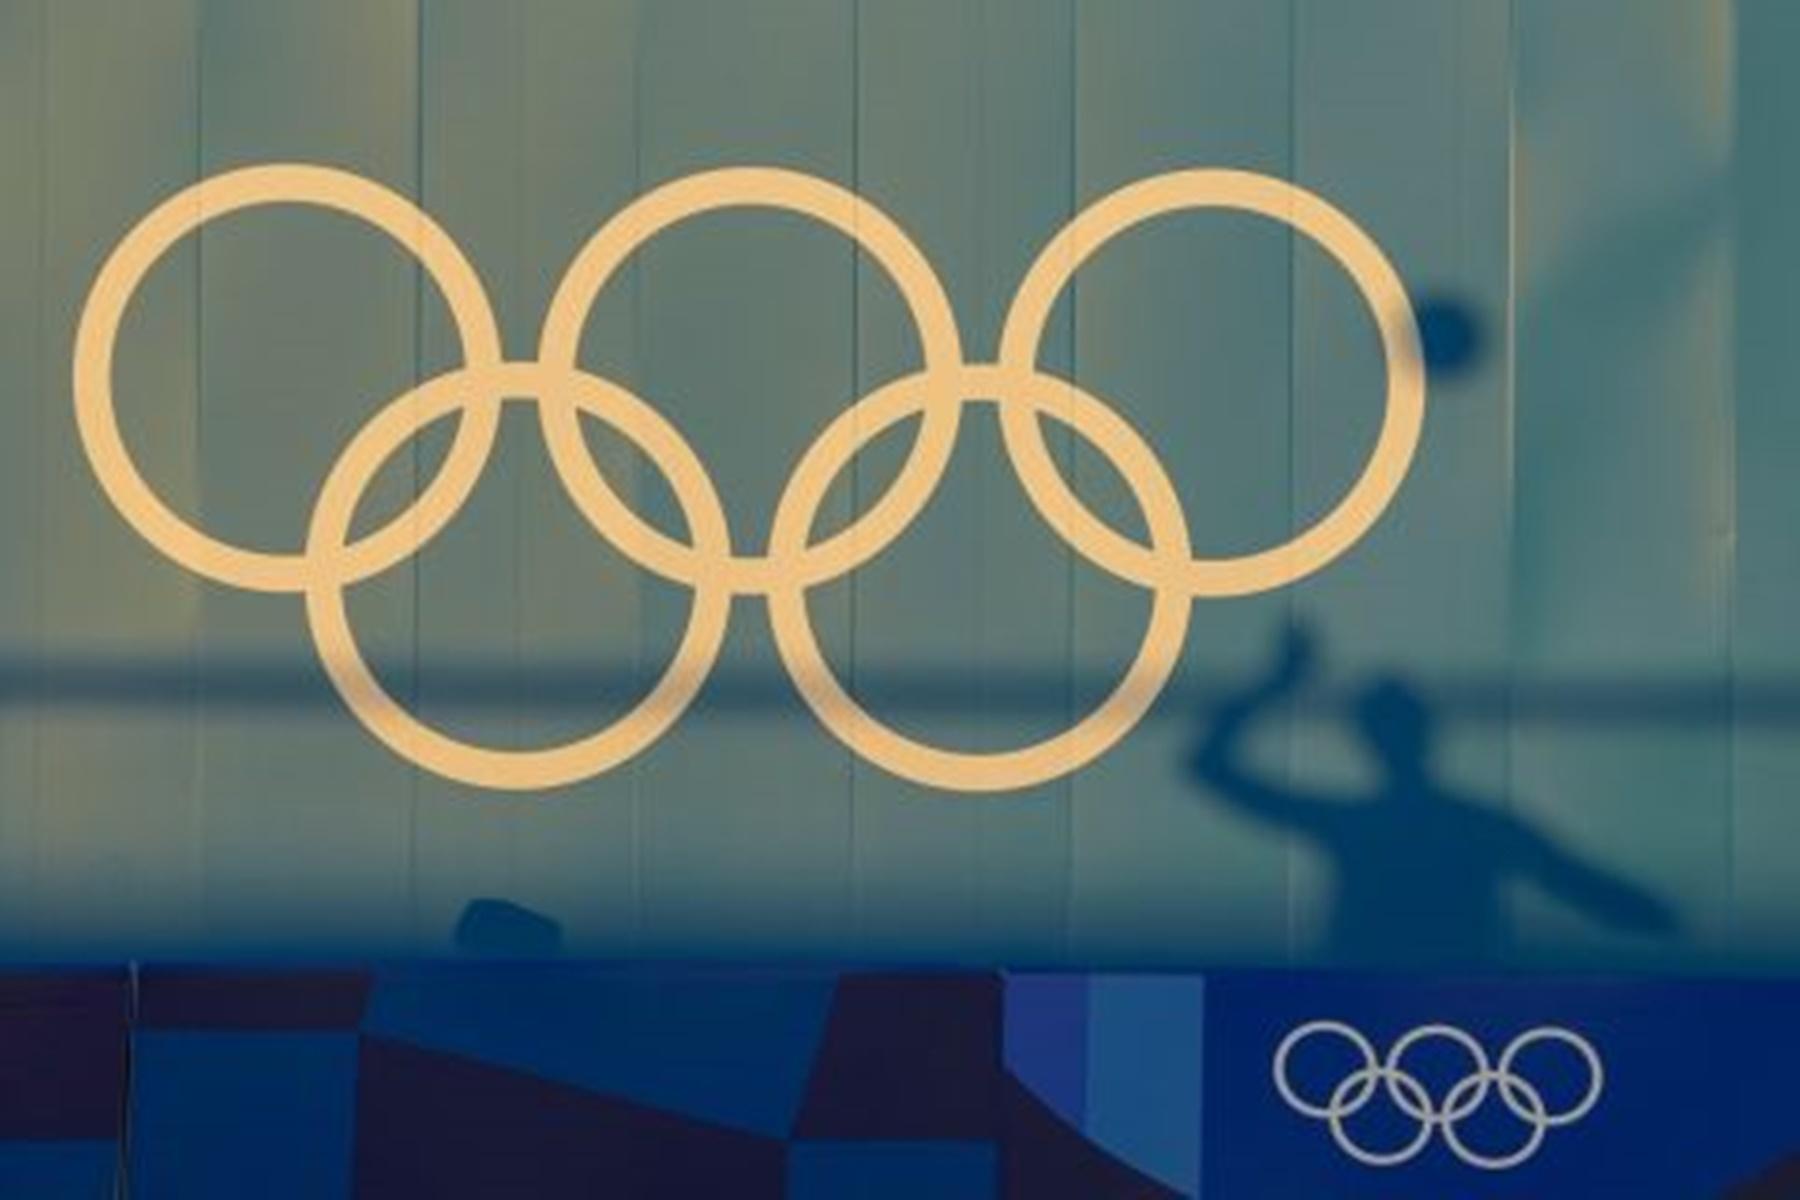 Ολυμπιακοί αγώνες Τόκιο : Αυτός είναι ο πραγματικός συμβολισμός τους